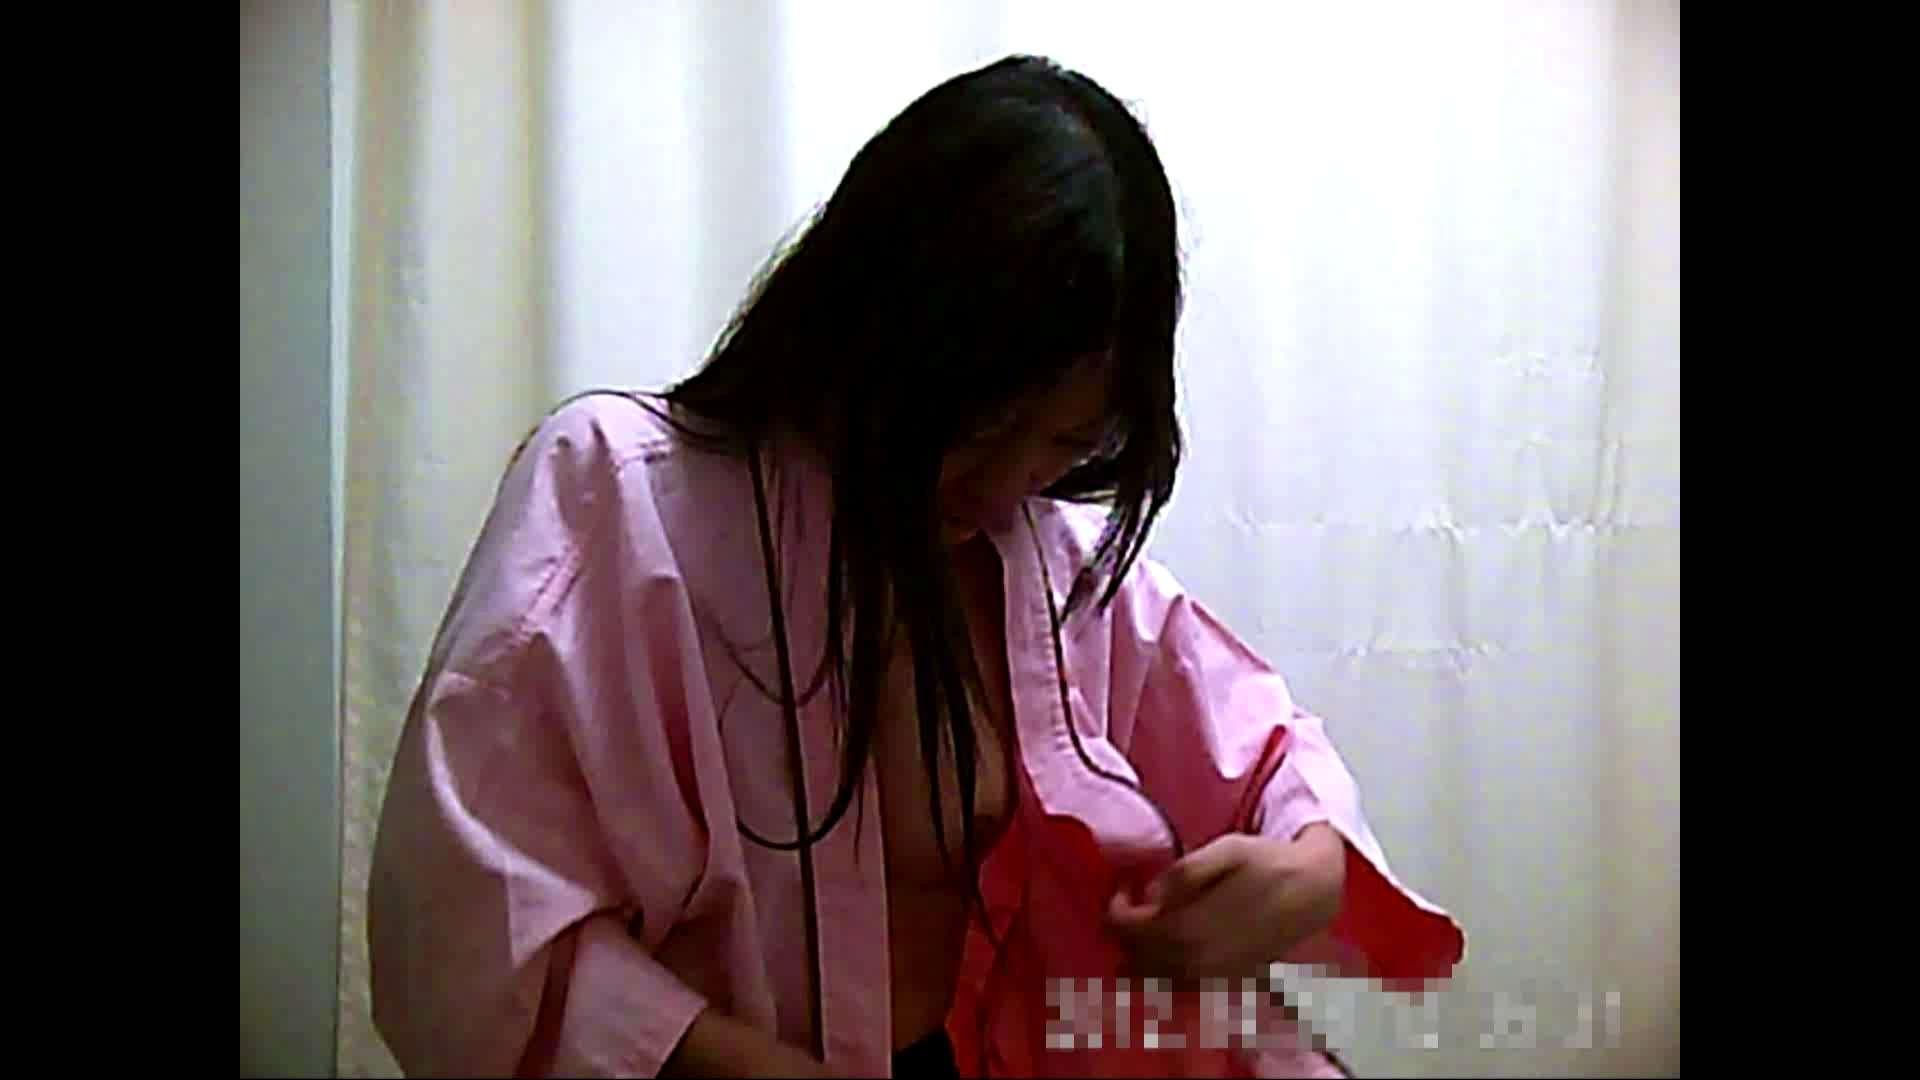 元医者による反抗 更衣室地獄絵巻 vol.015 エッチなお姉さん オマンコ無修正動画無料 105画像 11